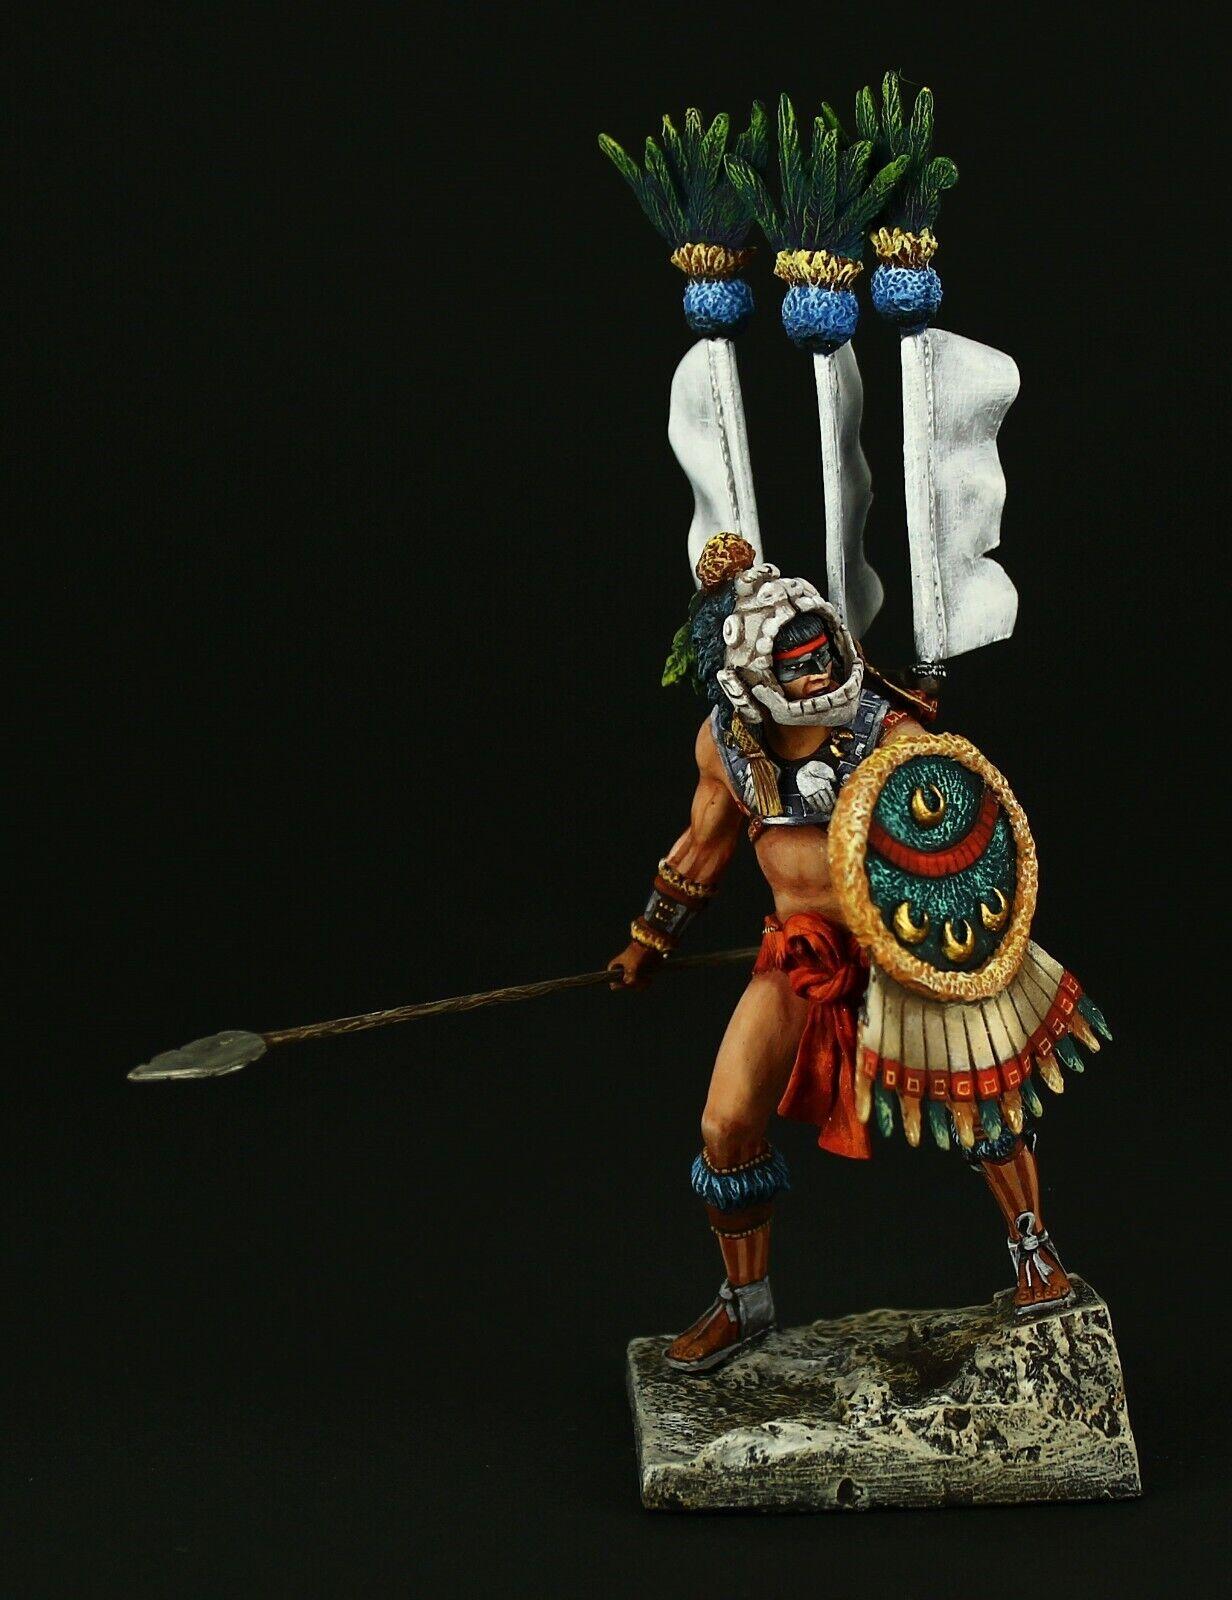 Soldados de estaño, Museo, guerreros de Tlaxcala, 1520, 75 mm.Nuevo Mundo